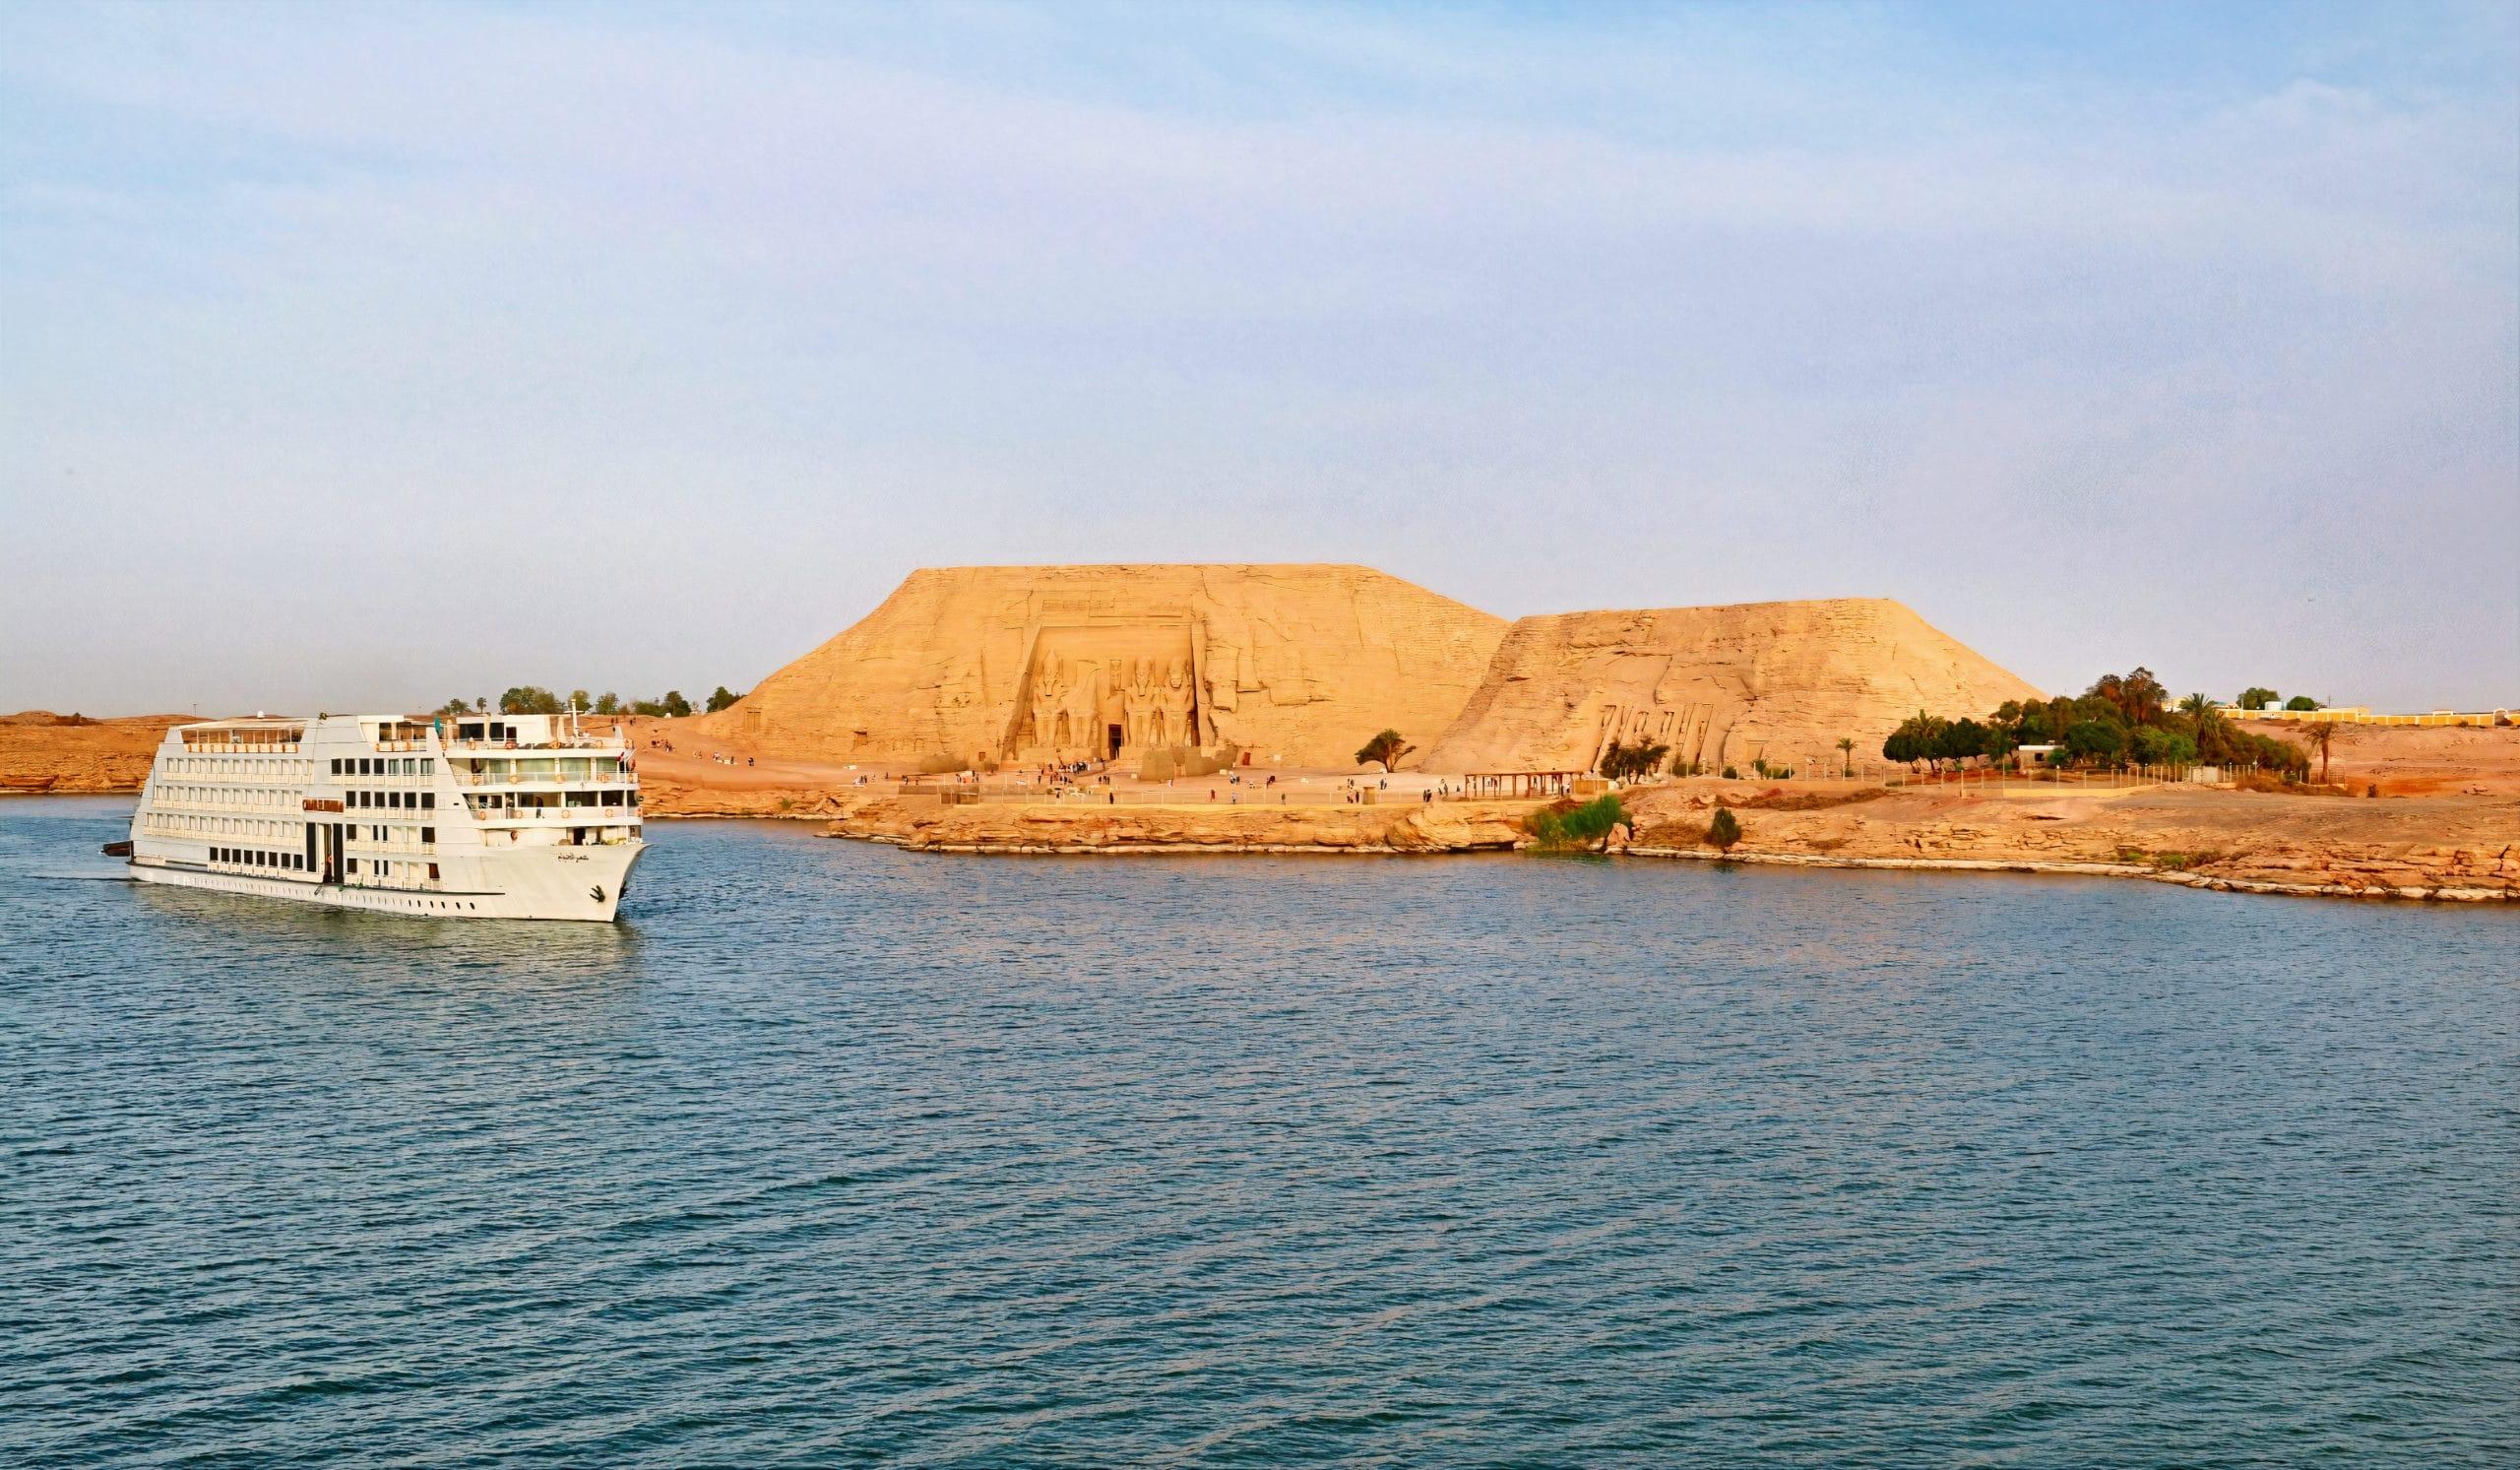 Croisière sur le Lac Nasser photo principale